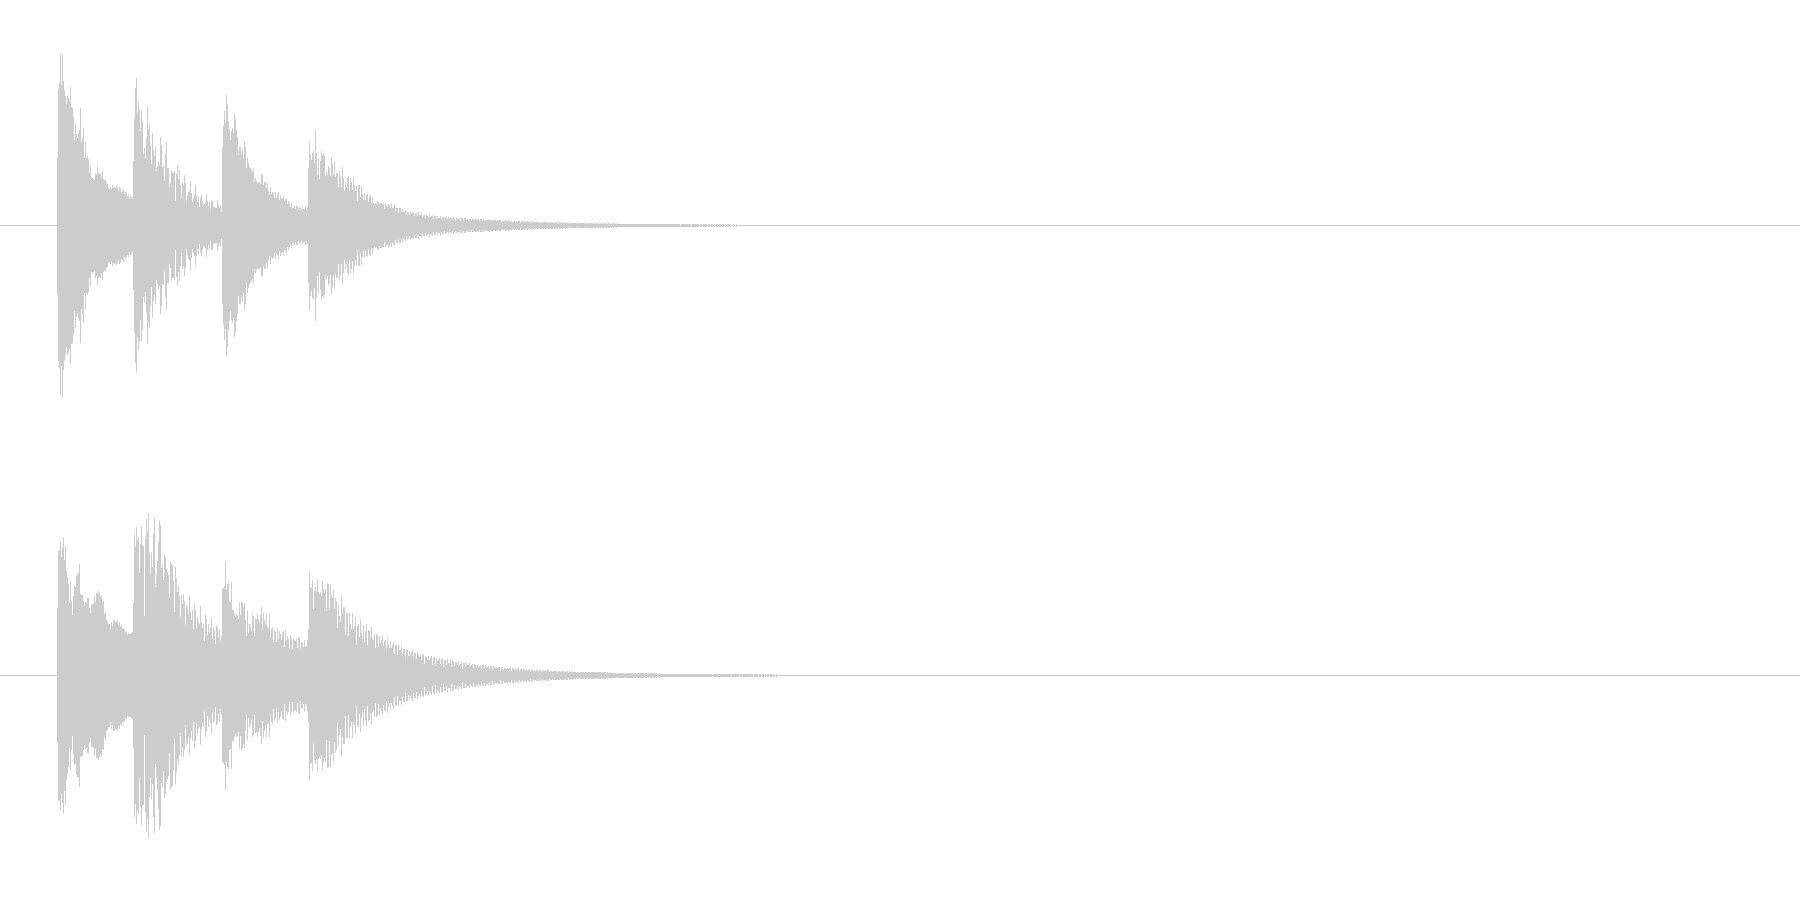 邦楽囃子の小さな鉦、松虫のフレーズ音の未再生の波形